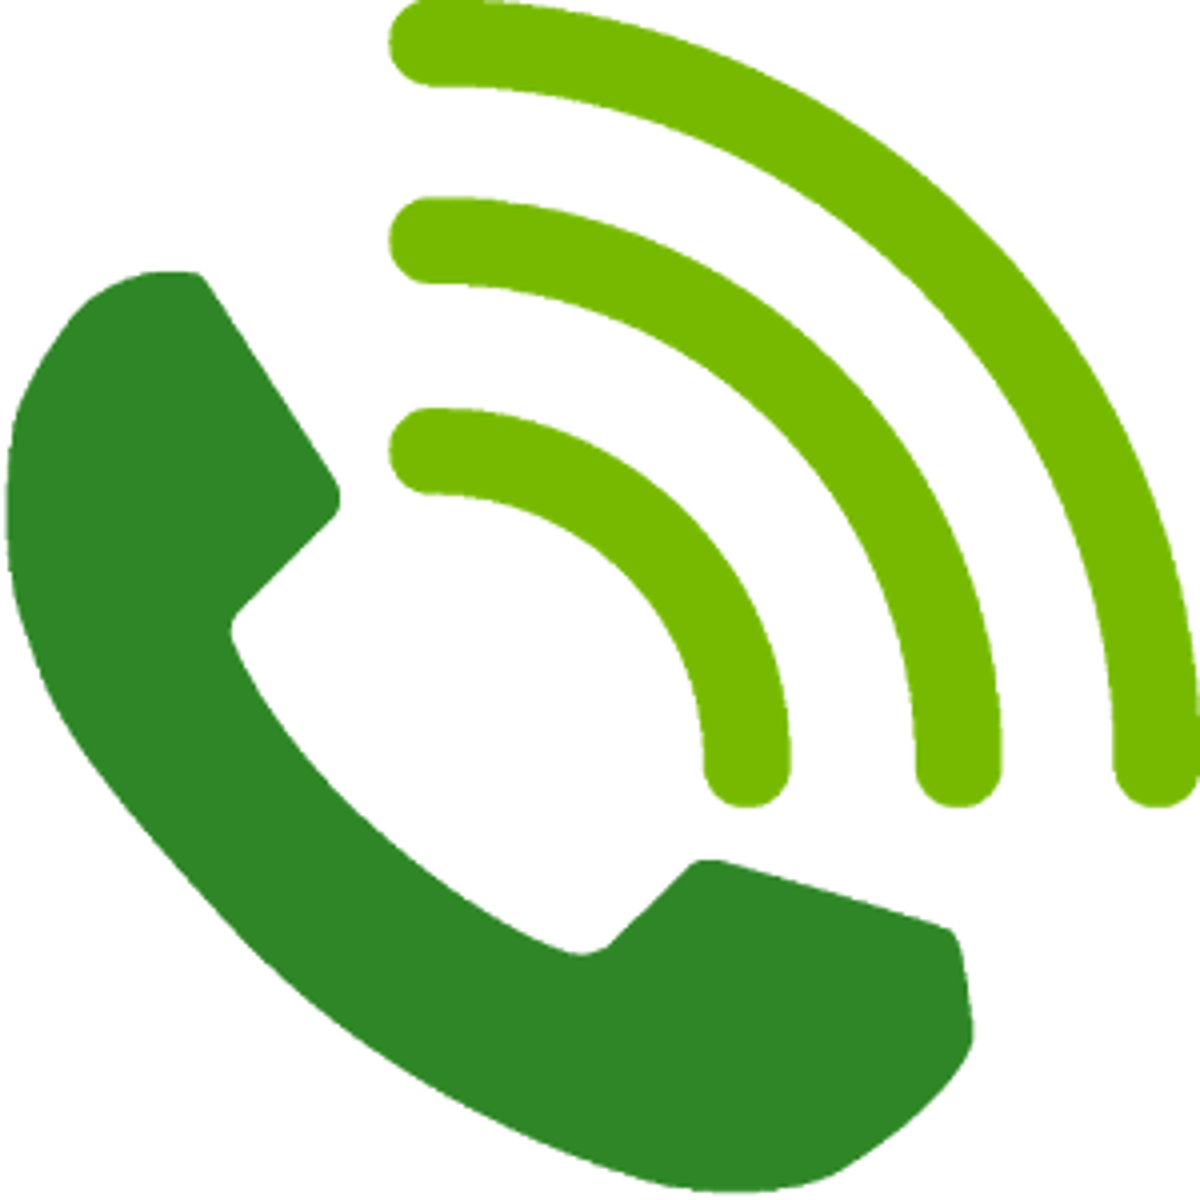 Wi-Fi Calling A-4.3.10-Obf